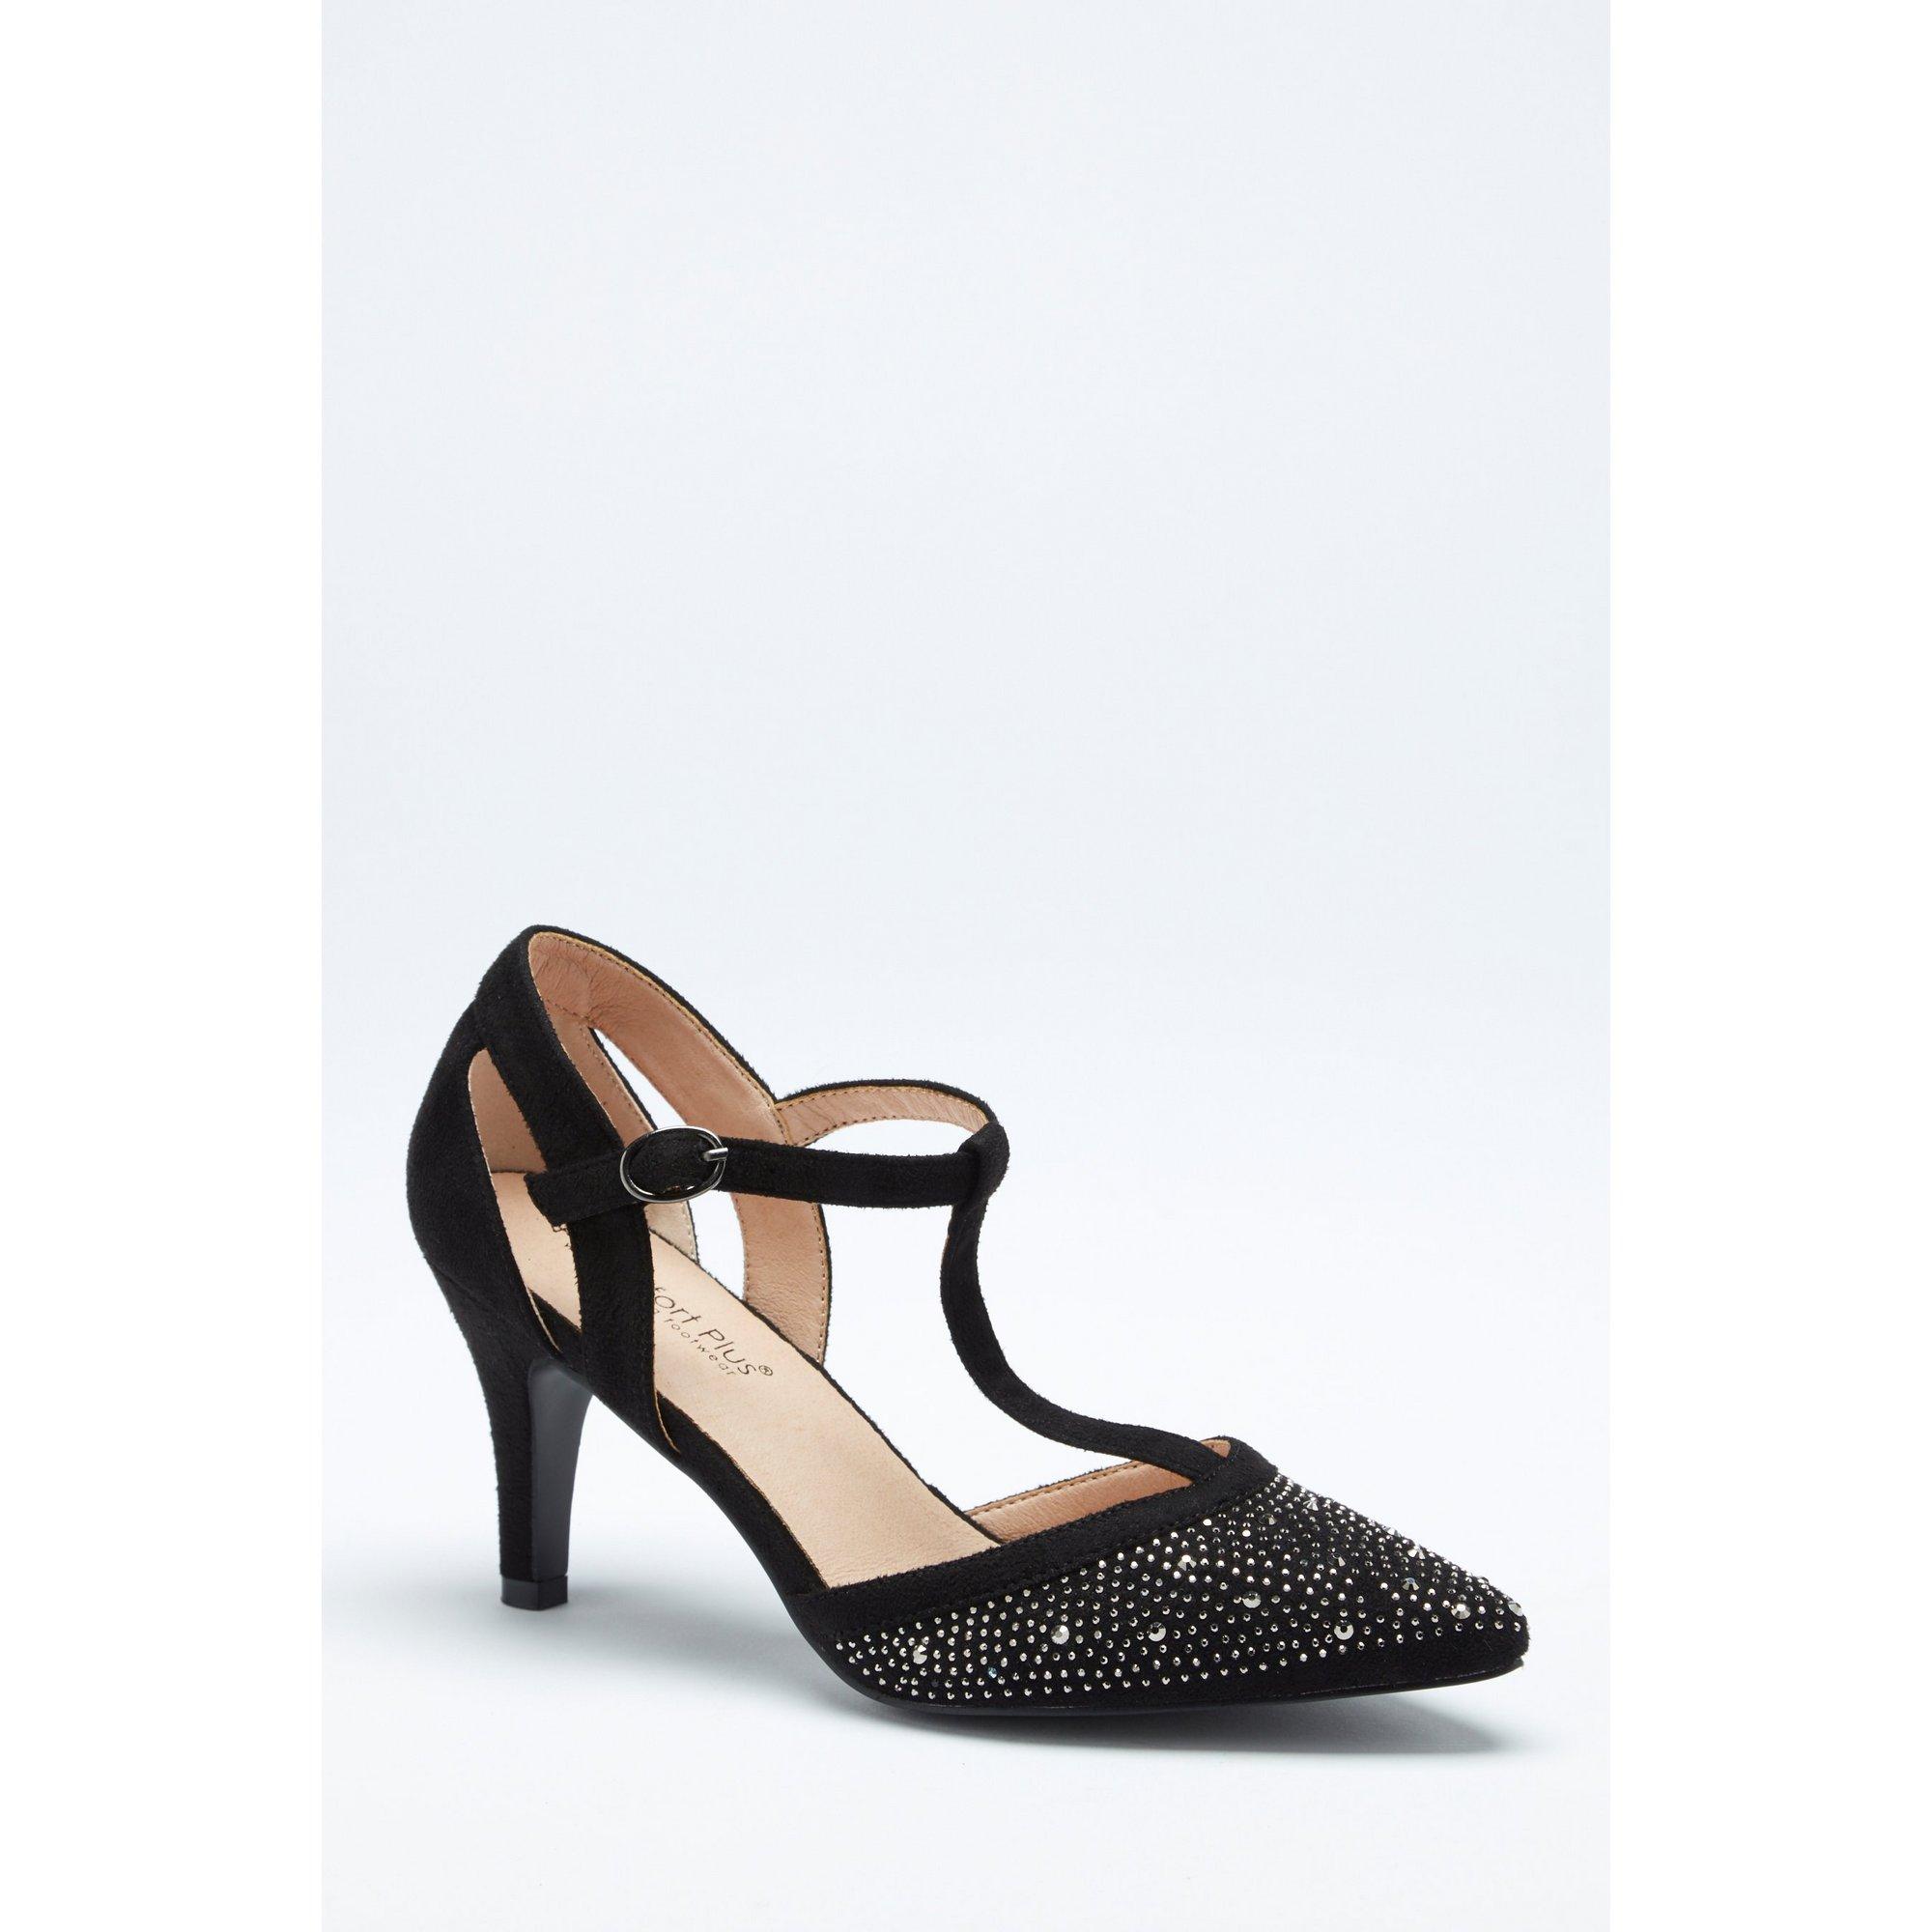 Image of Comfort Plus Diamante T-Bar Black Court Shoes